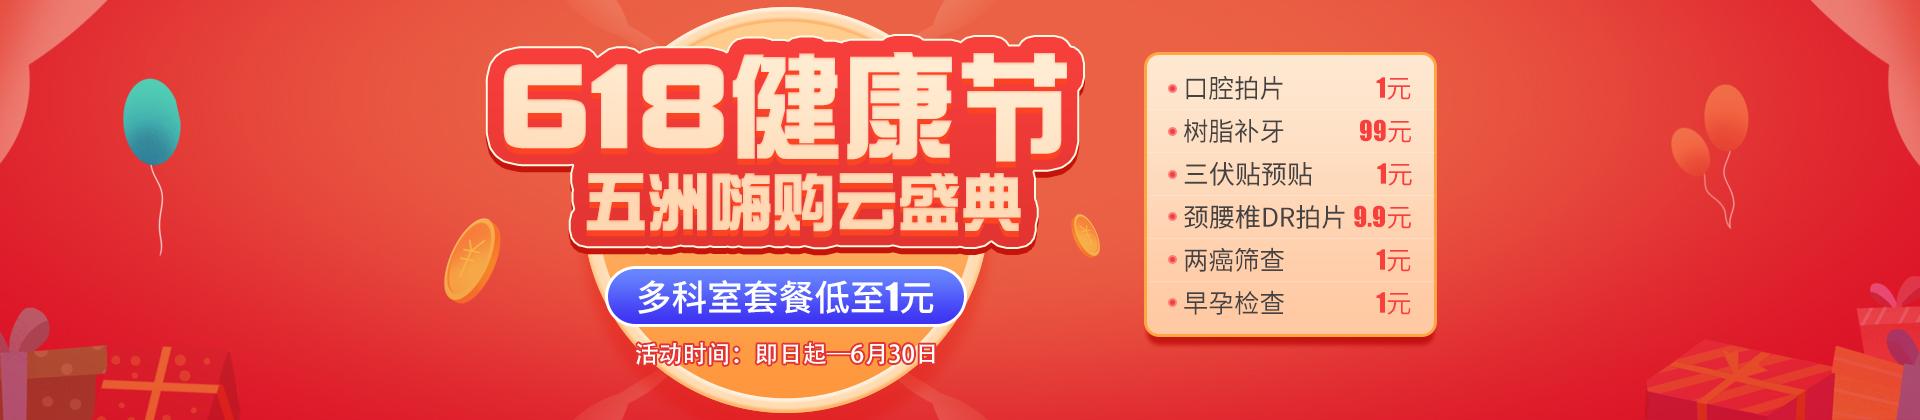 618健康狂欢节 五洲嗨购云盛典